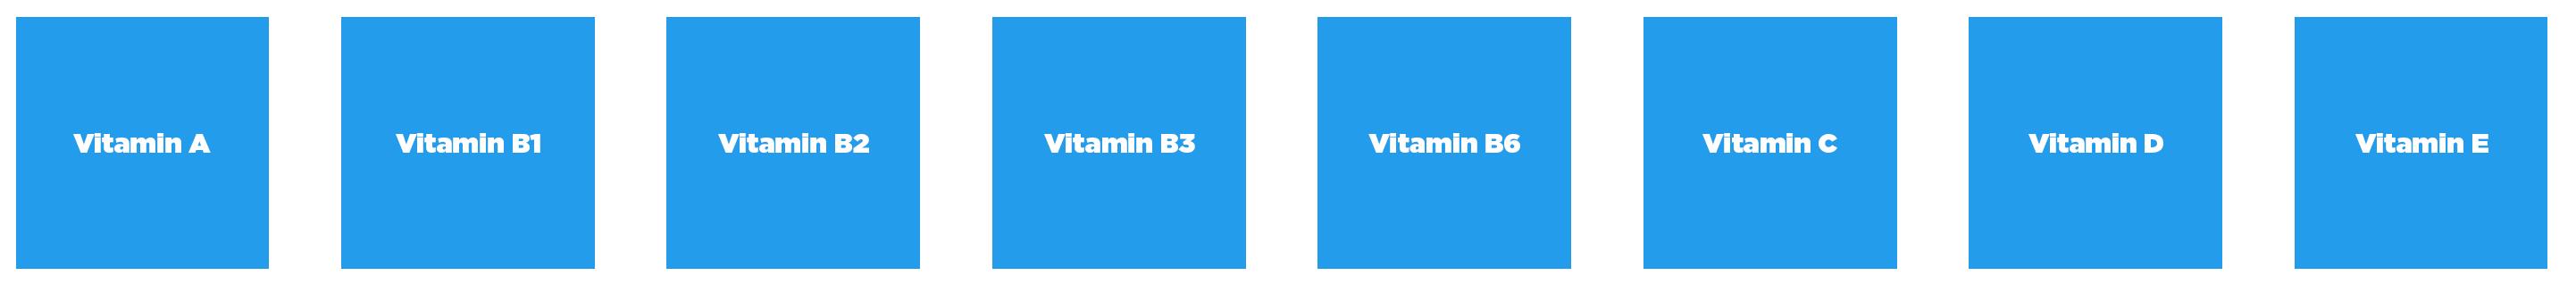 cbd-obsah-vitaminu-infografika-brainmarket-cz